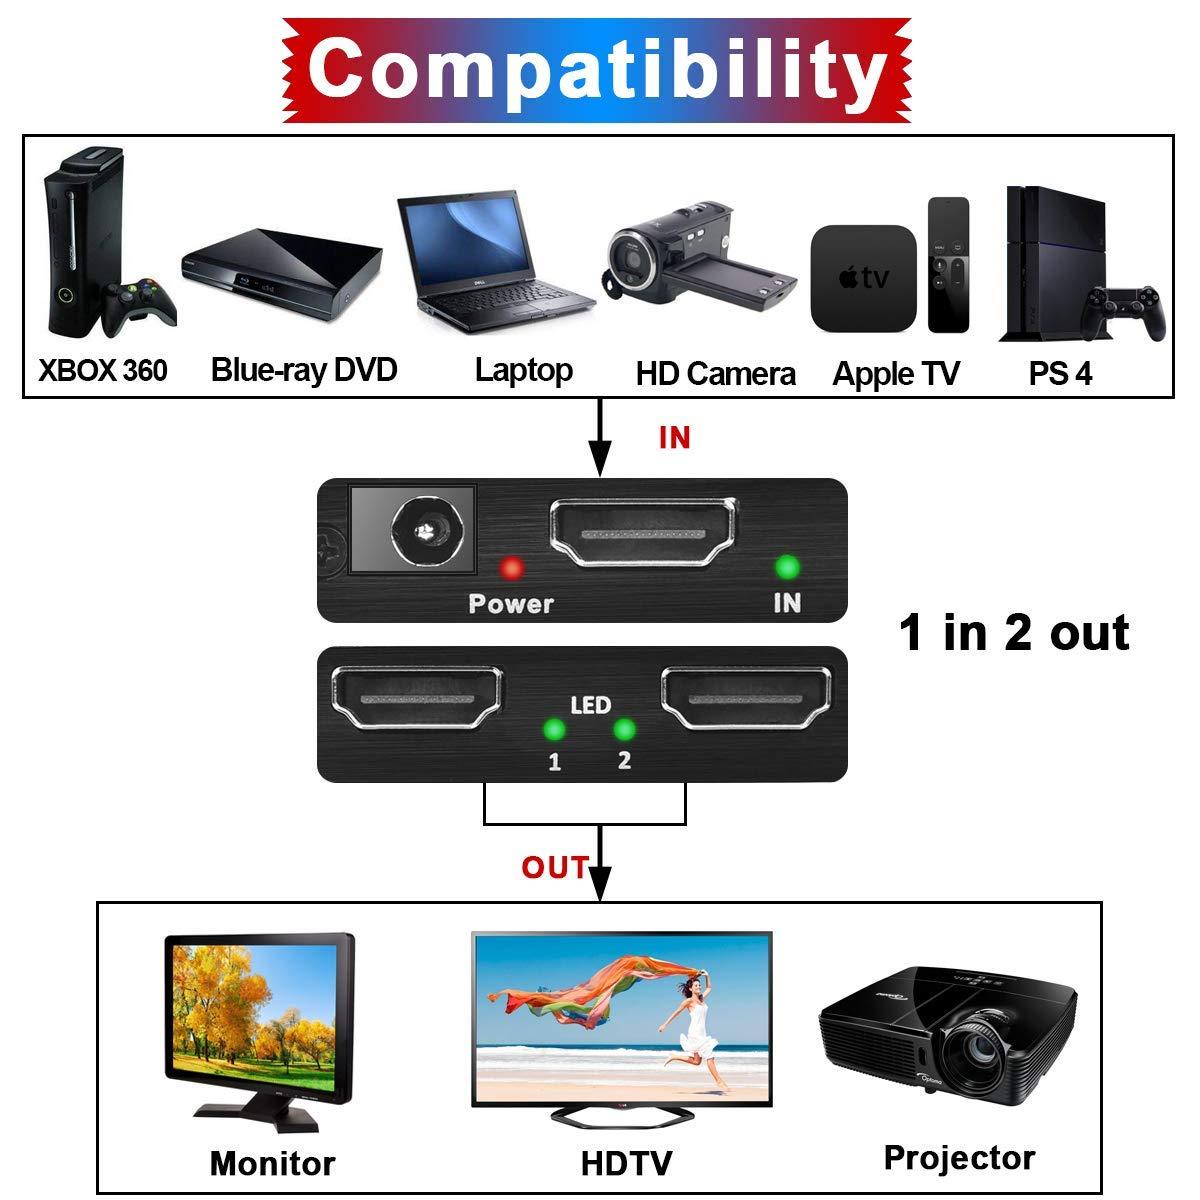 HDMI 4K 60Hz USB C HDMI 3 en 1 Carte Multiport Port de chargement rapide de 3 USB 3.0 Ports pour MacBook Pro et plus appareil de Type C